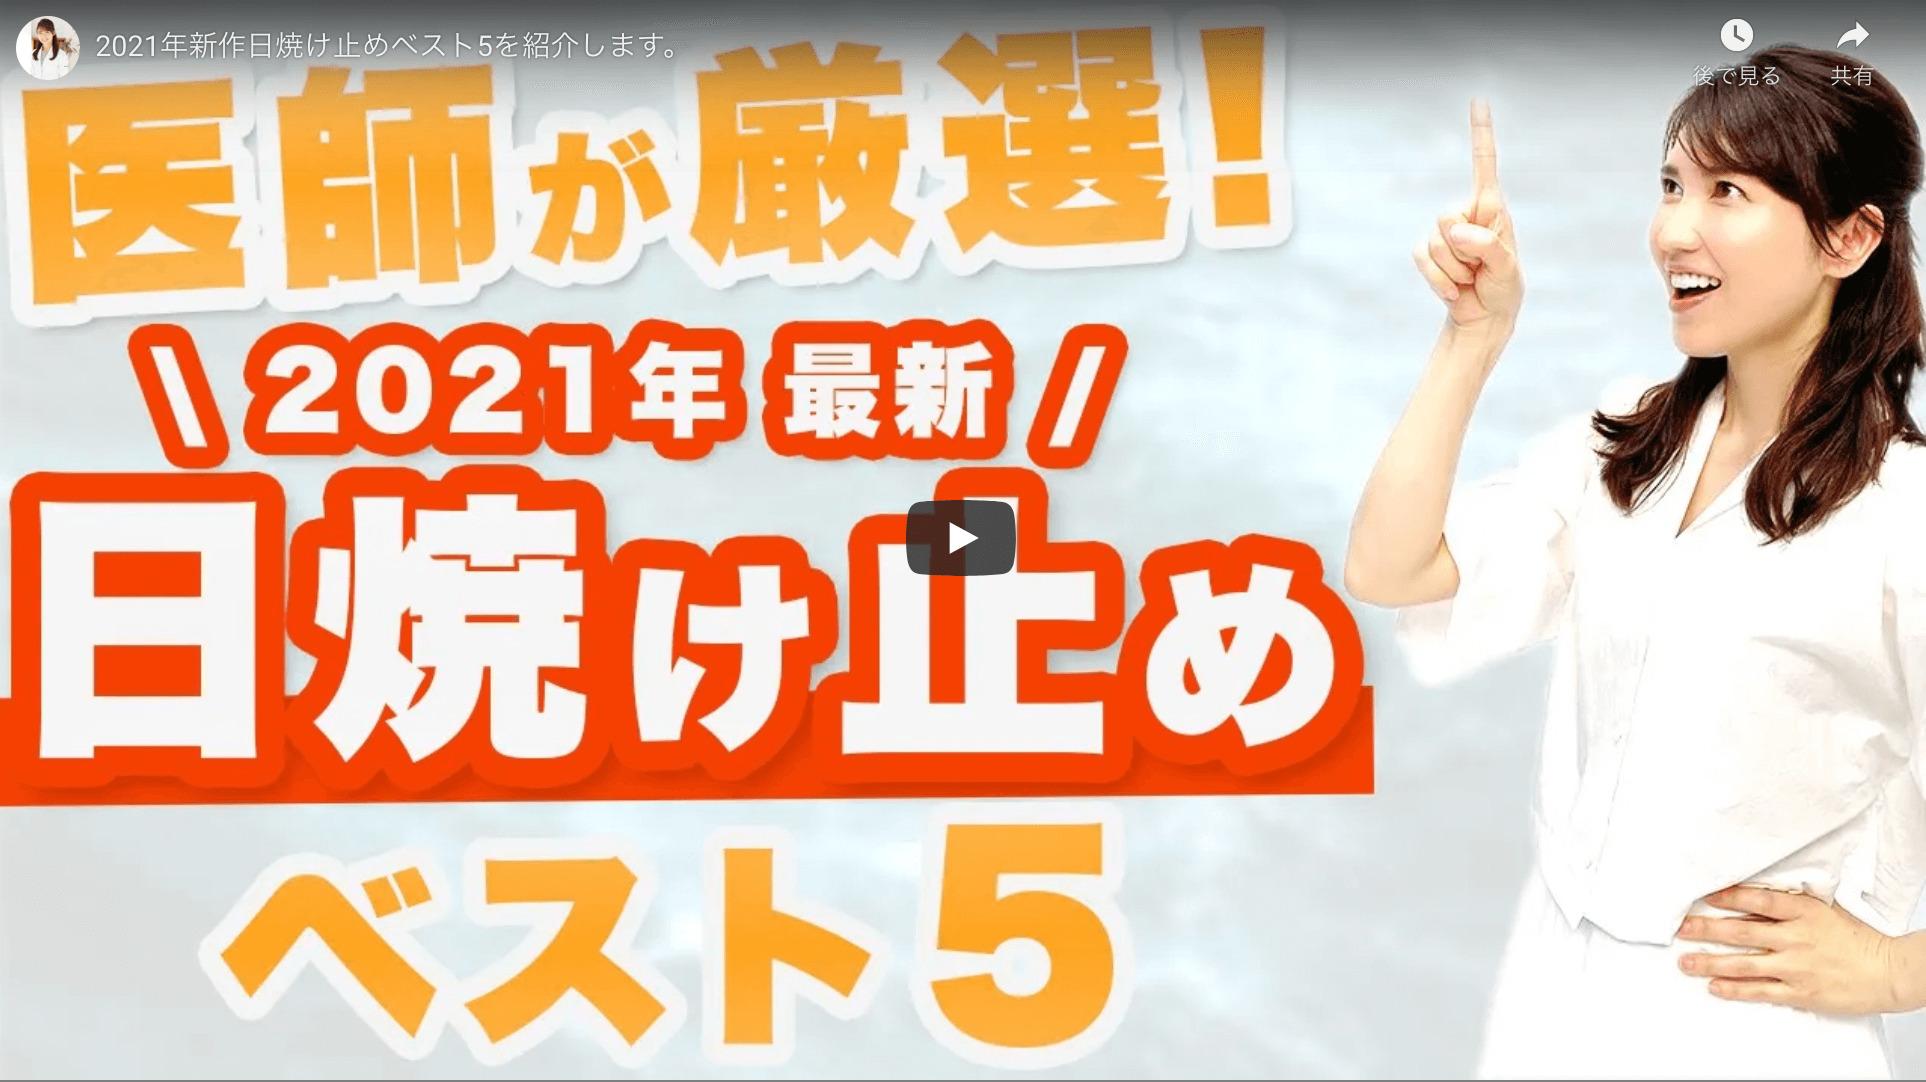 友利新さんが「2021年新作 日焼け止めベスト5」を公開